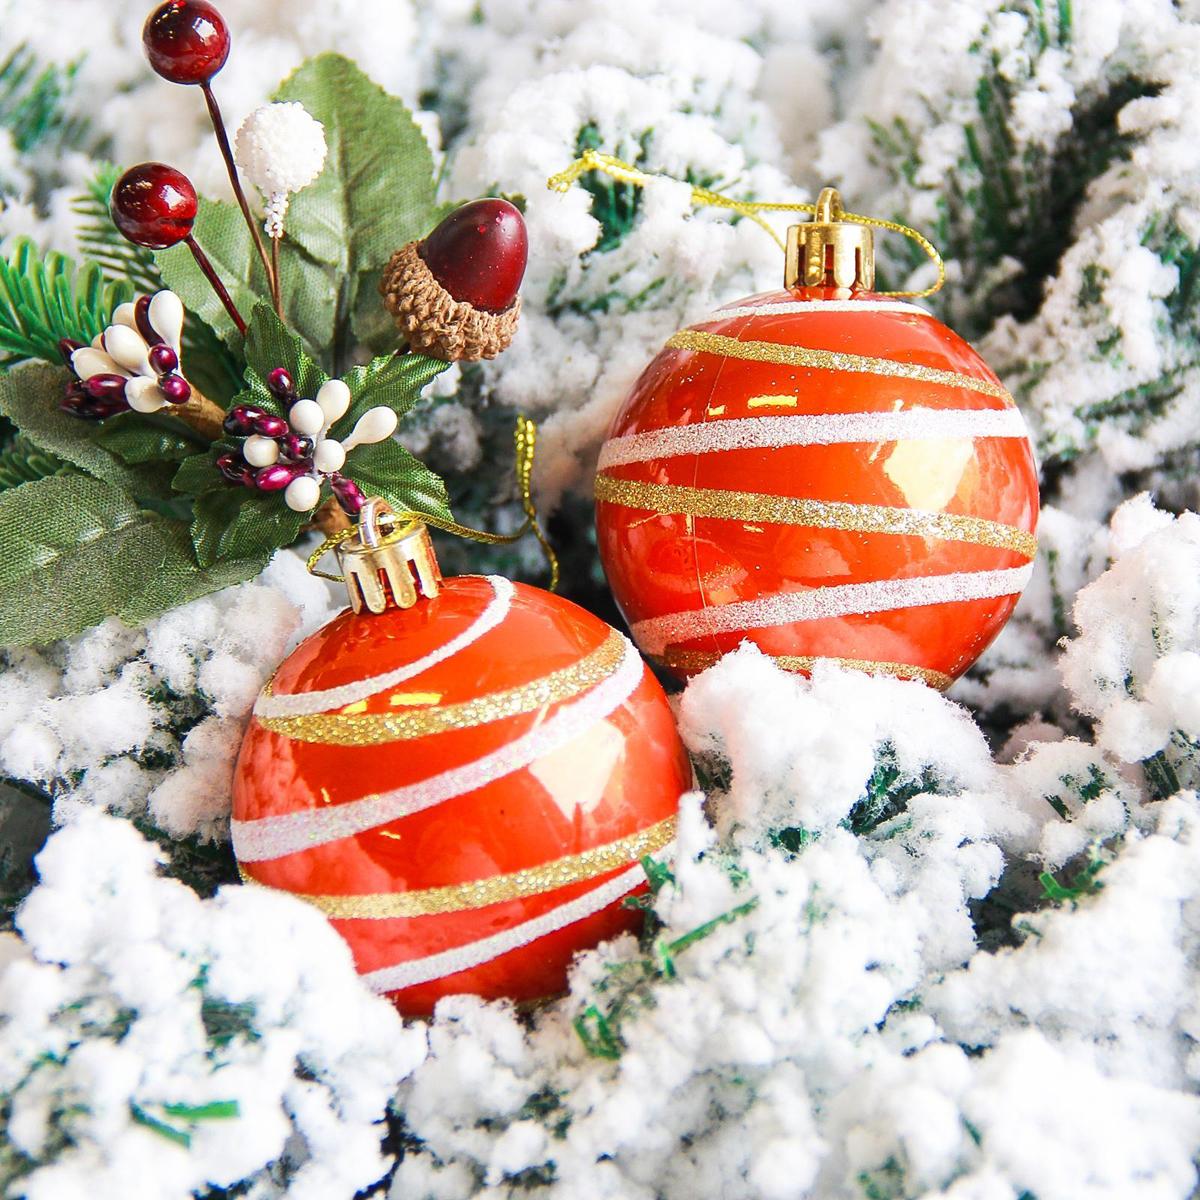 Набор новогодних подвесных украшений Sima-land Орион, цвет: оранжевый, диаметр 6 см, 6 шт2178185Набор новогодних подвесных украшений Sima-land отлично подойдет для декорации вашего дома и новогодней ели. С помощью специальной петельки украшение можно повесить в любом понравившемся вам месте. Но, конечно, удачнее всего оно будет смотреться на праздничной елке. Елочная игрушка - символ Нового года. Она несет в себе волшебство и красоту праздника. Создайте в своем доме атмосферу веселья и радости, украшая новогоднюю елку нарядными игрушками, которые будут из года в год накапливать теплоту воспоминаний.